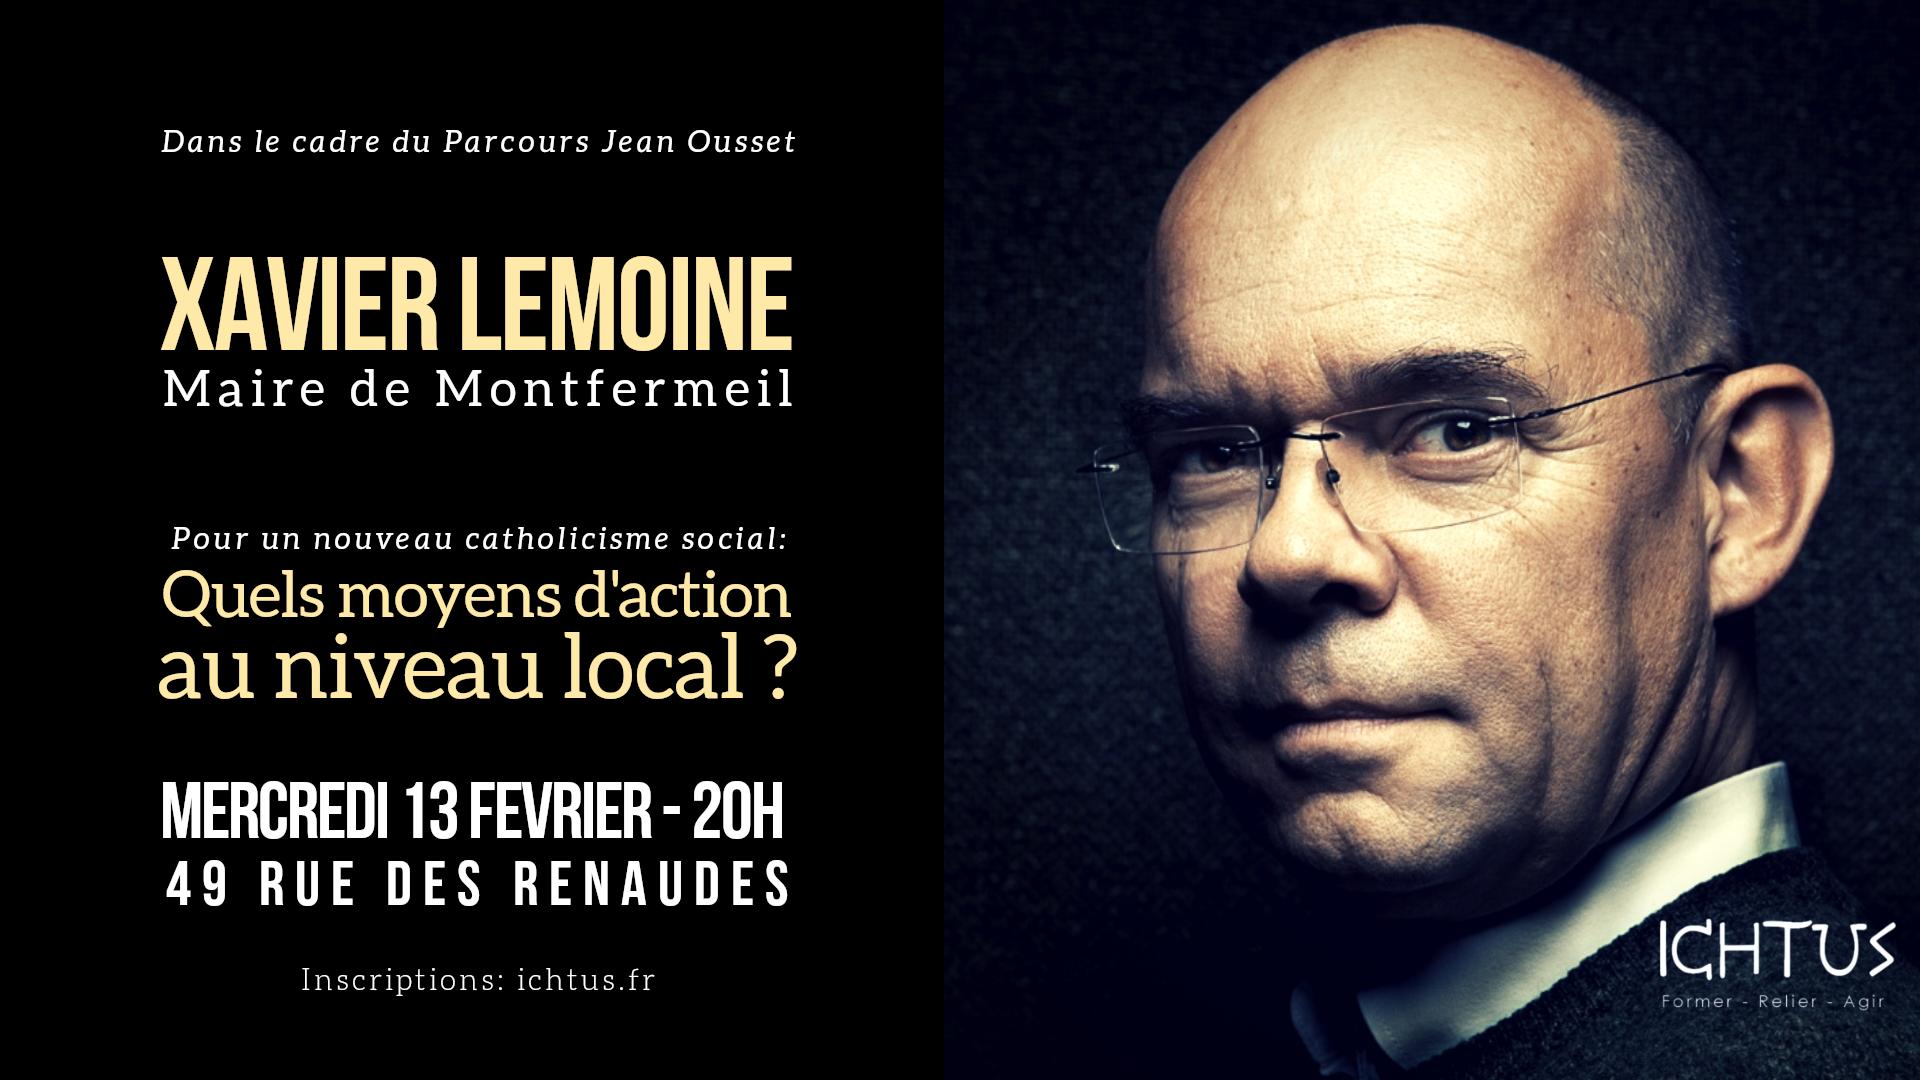 ICHTUS / Nouveau catholicisme social – Rencontre avec Xavier Lemoine, Maire de Montfermeil – 13 février 2019 à Paris